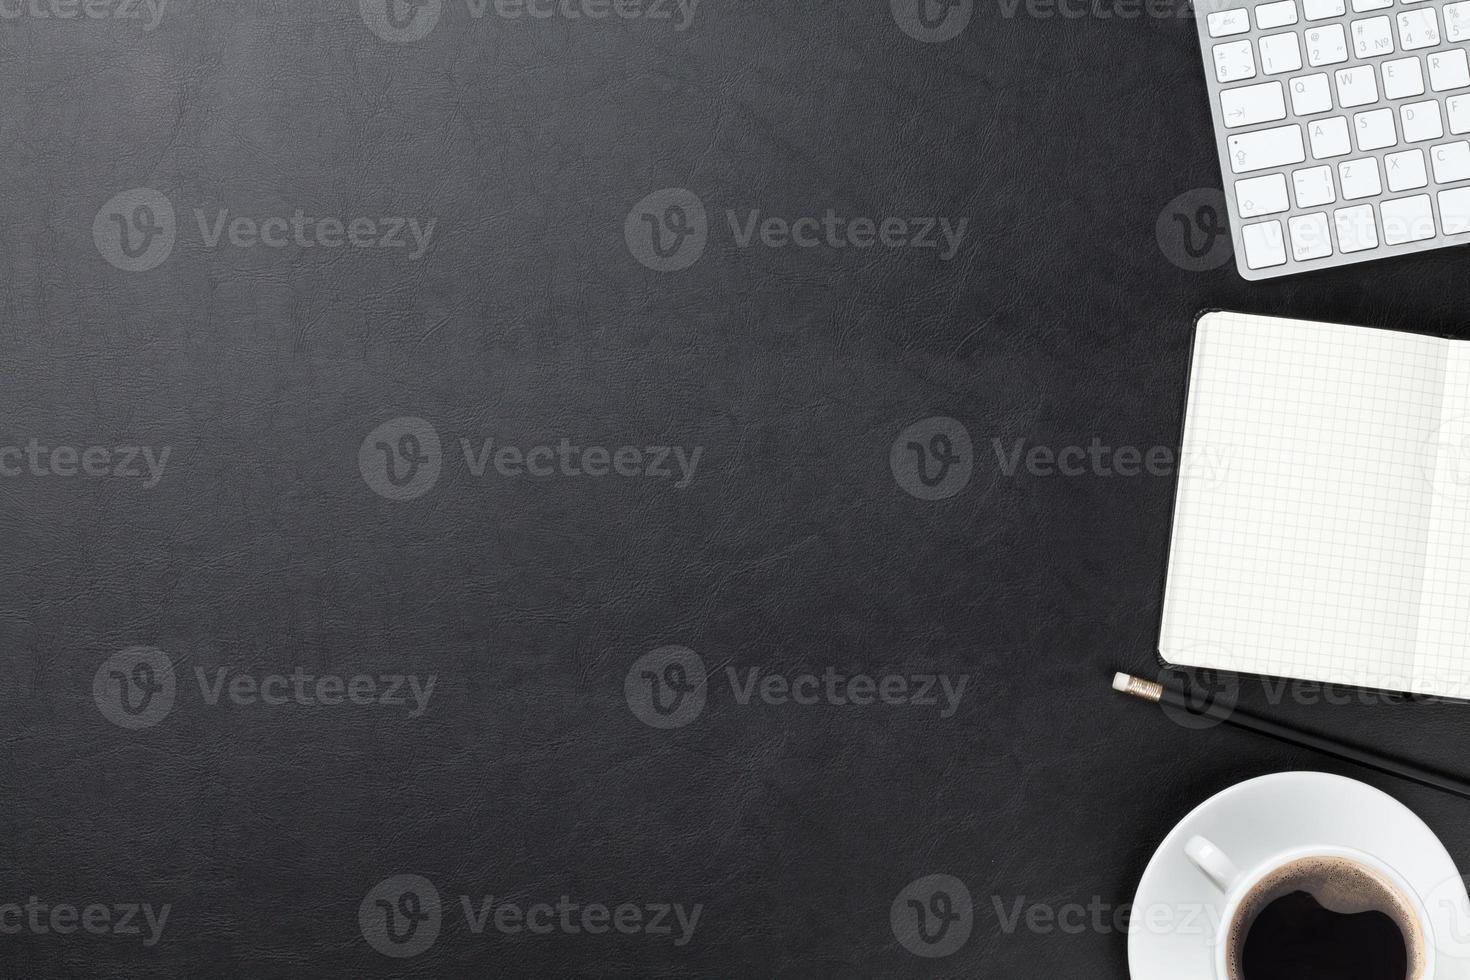 bureau met computer, benodigdheden en koffie foto